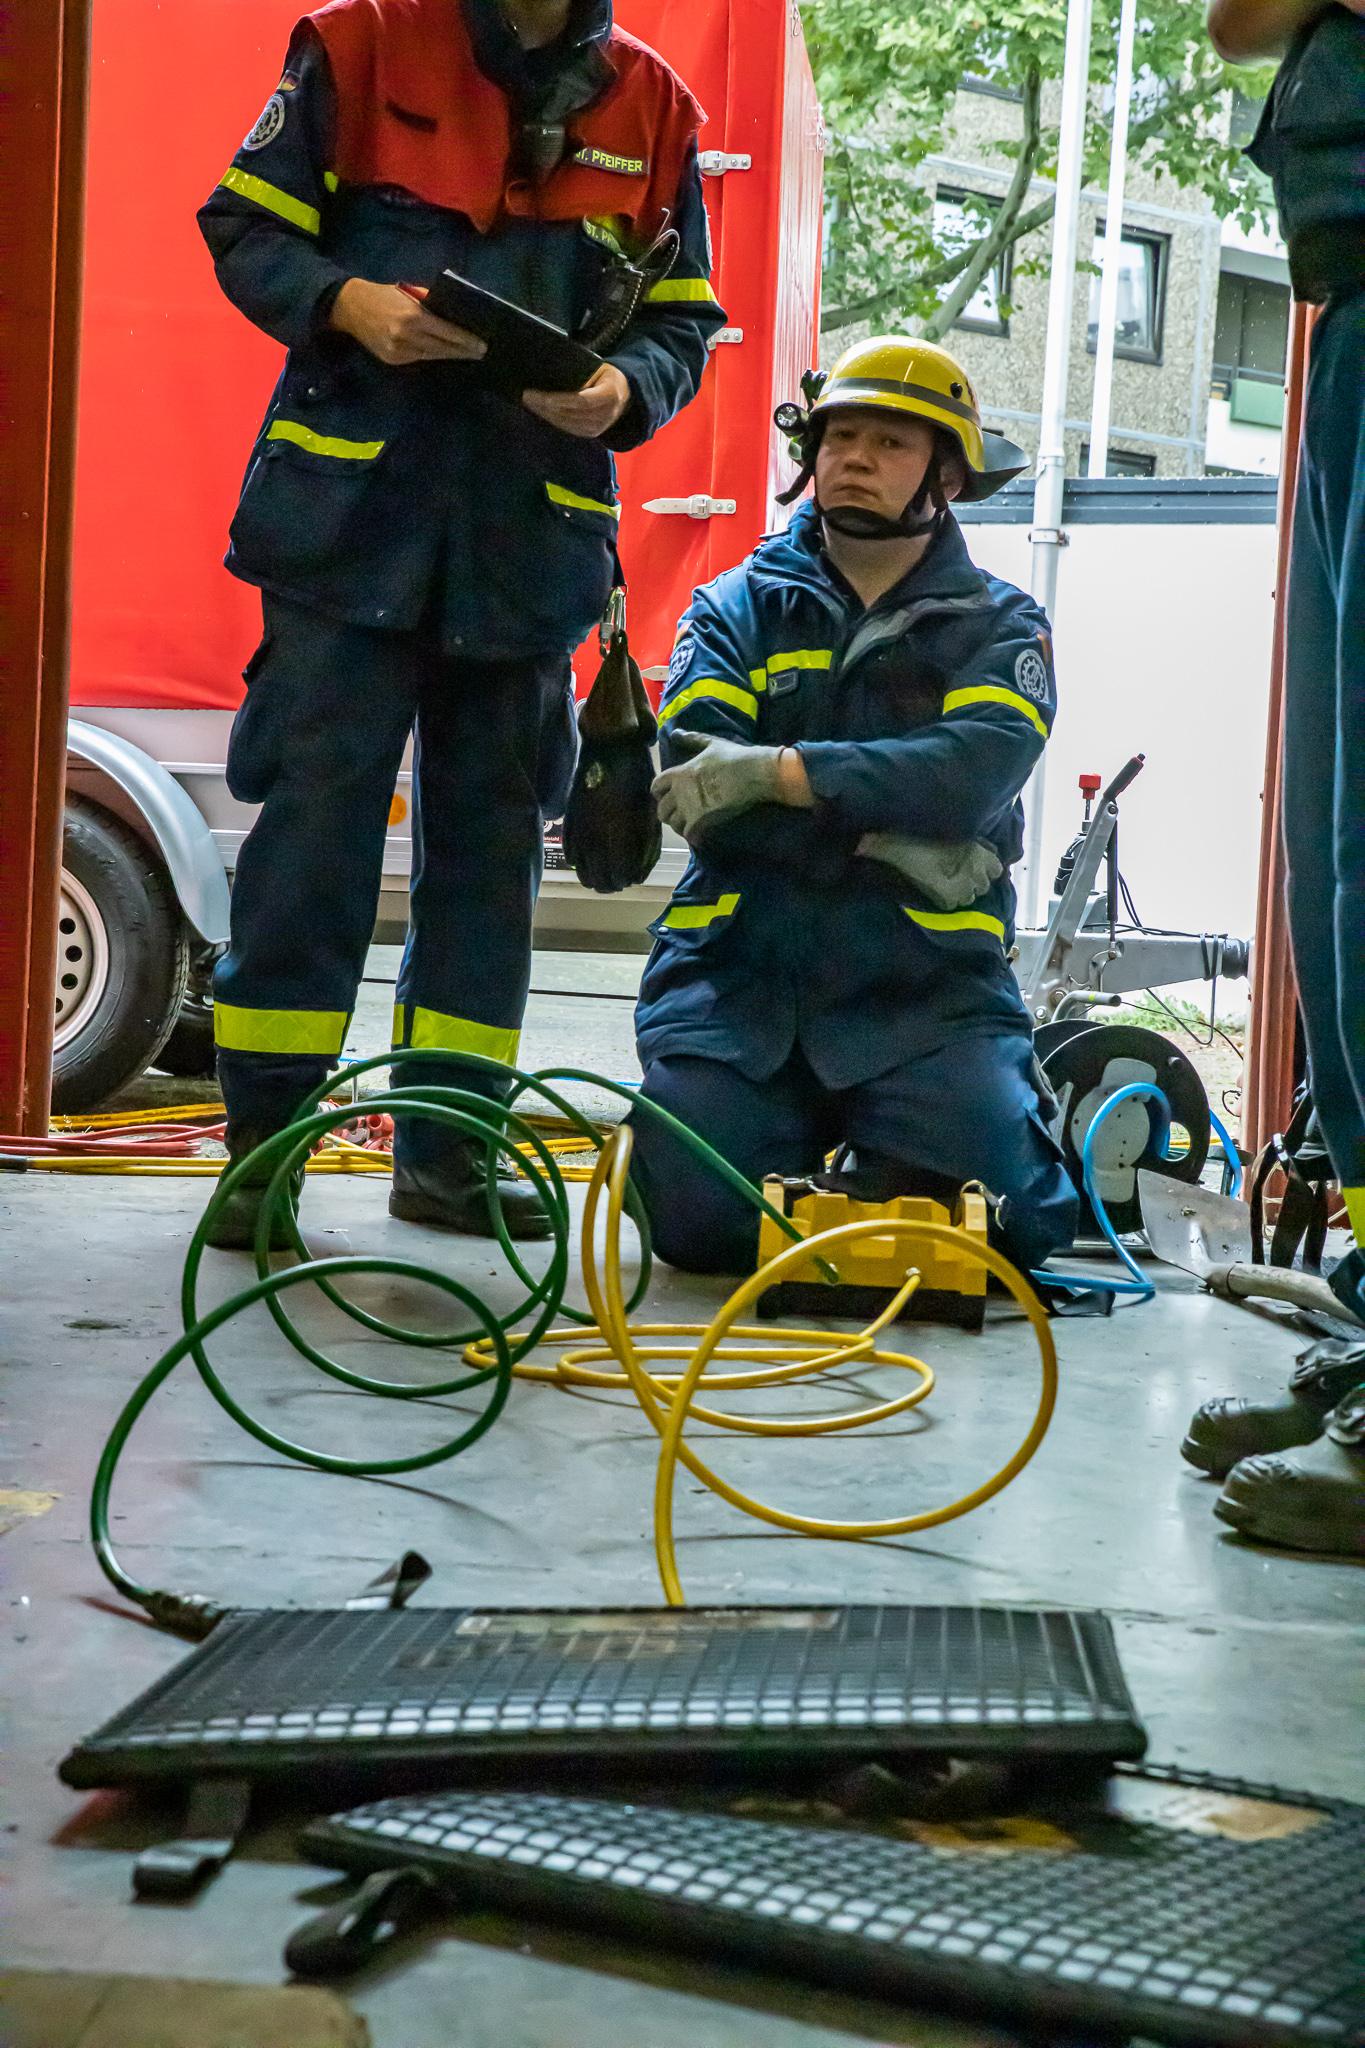 FeuerwehrSim 2019 Werkstatt-8